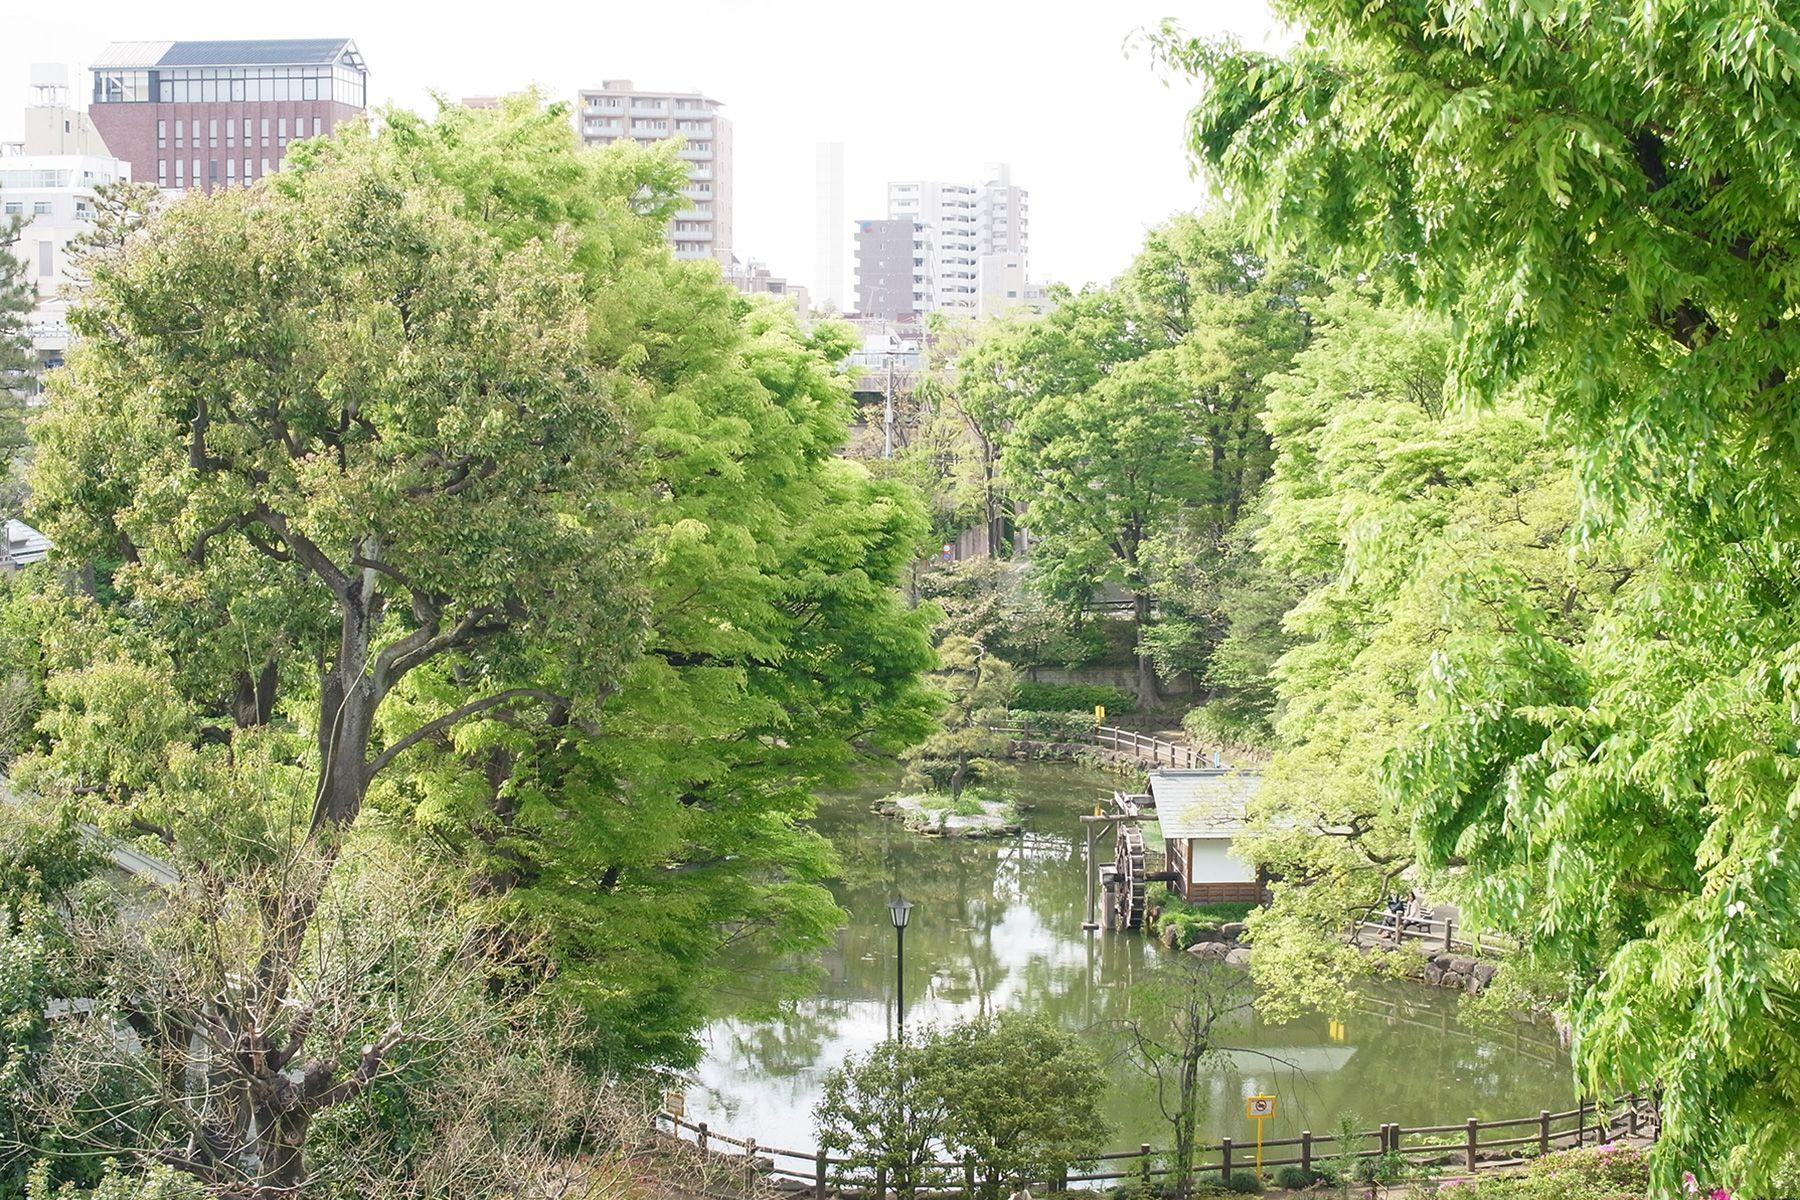 SHOTOHOUSE302 (ショウトウハウス302)鍋島松濤公園の眺望